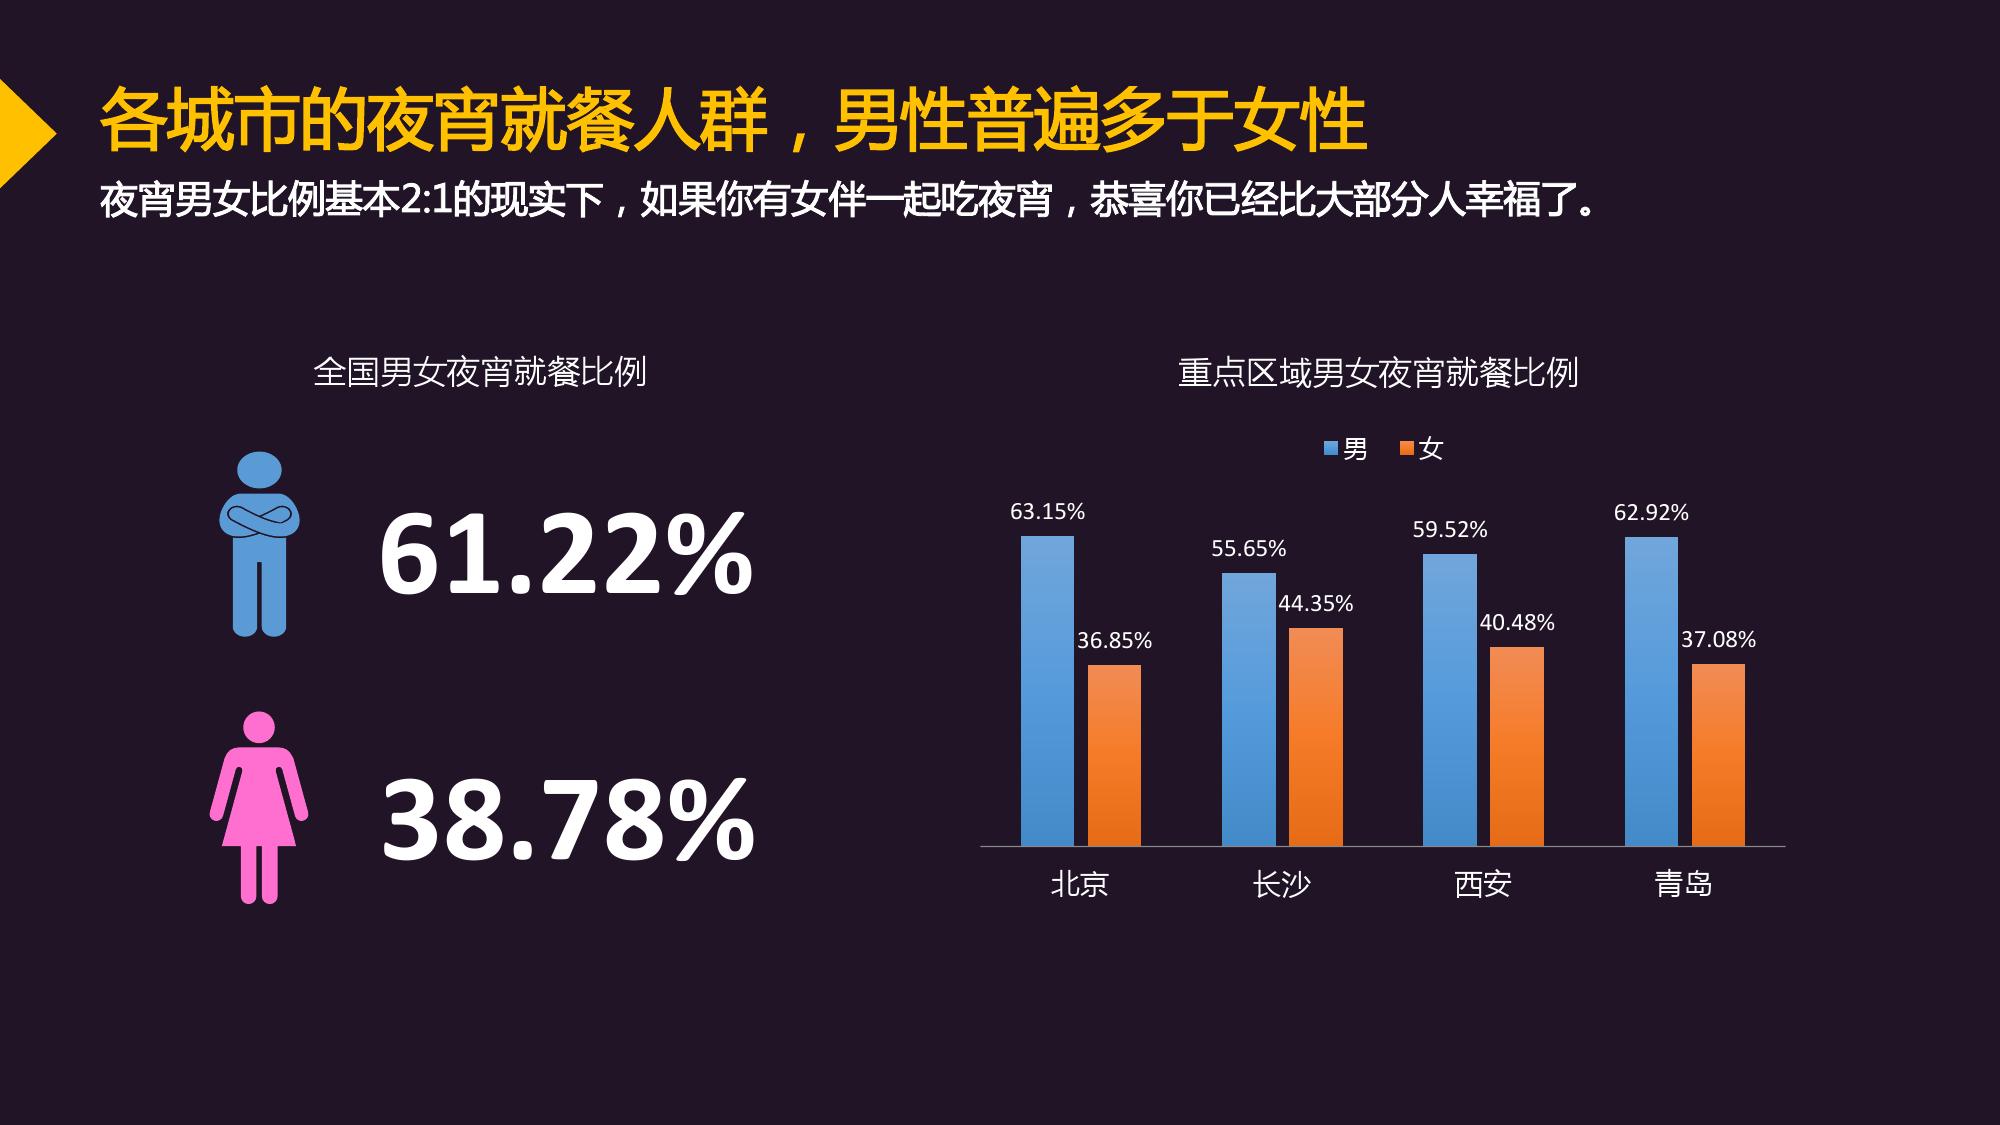 中国城市夜宵消费趋势大数据 90后成消费主力 组图